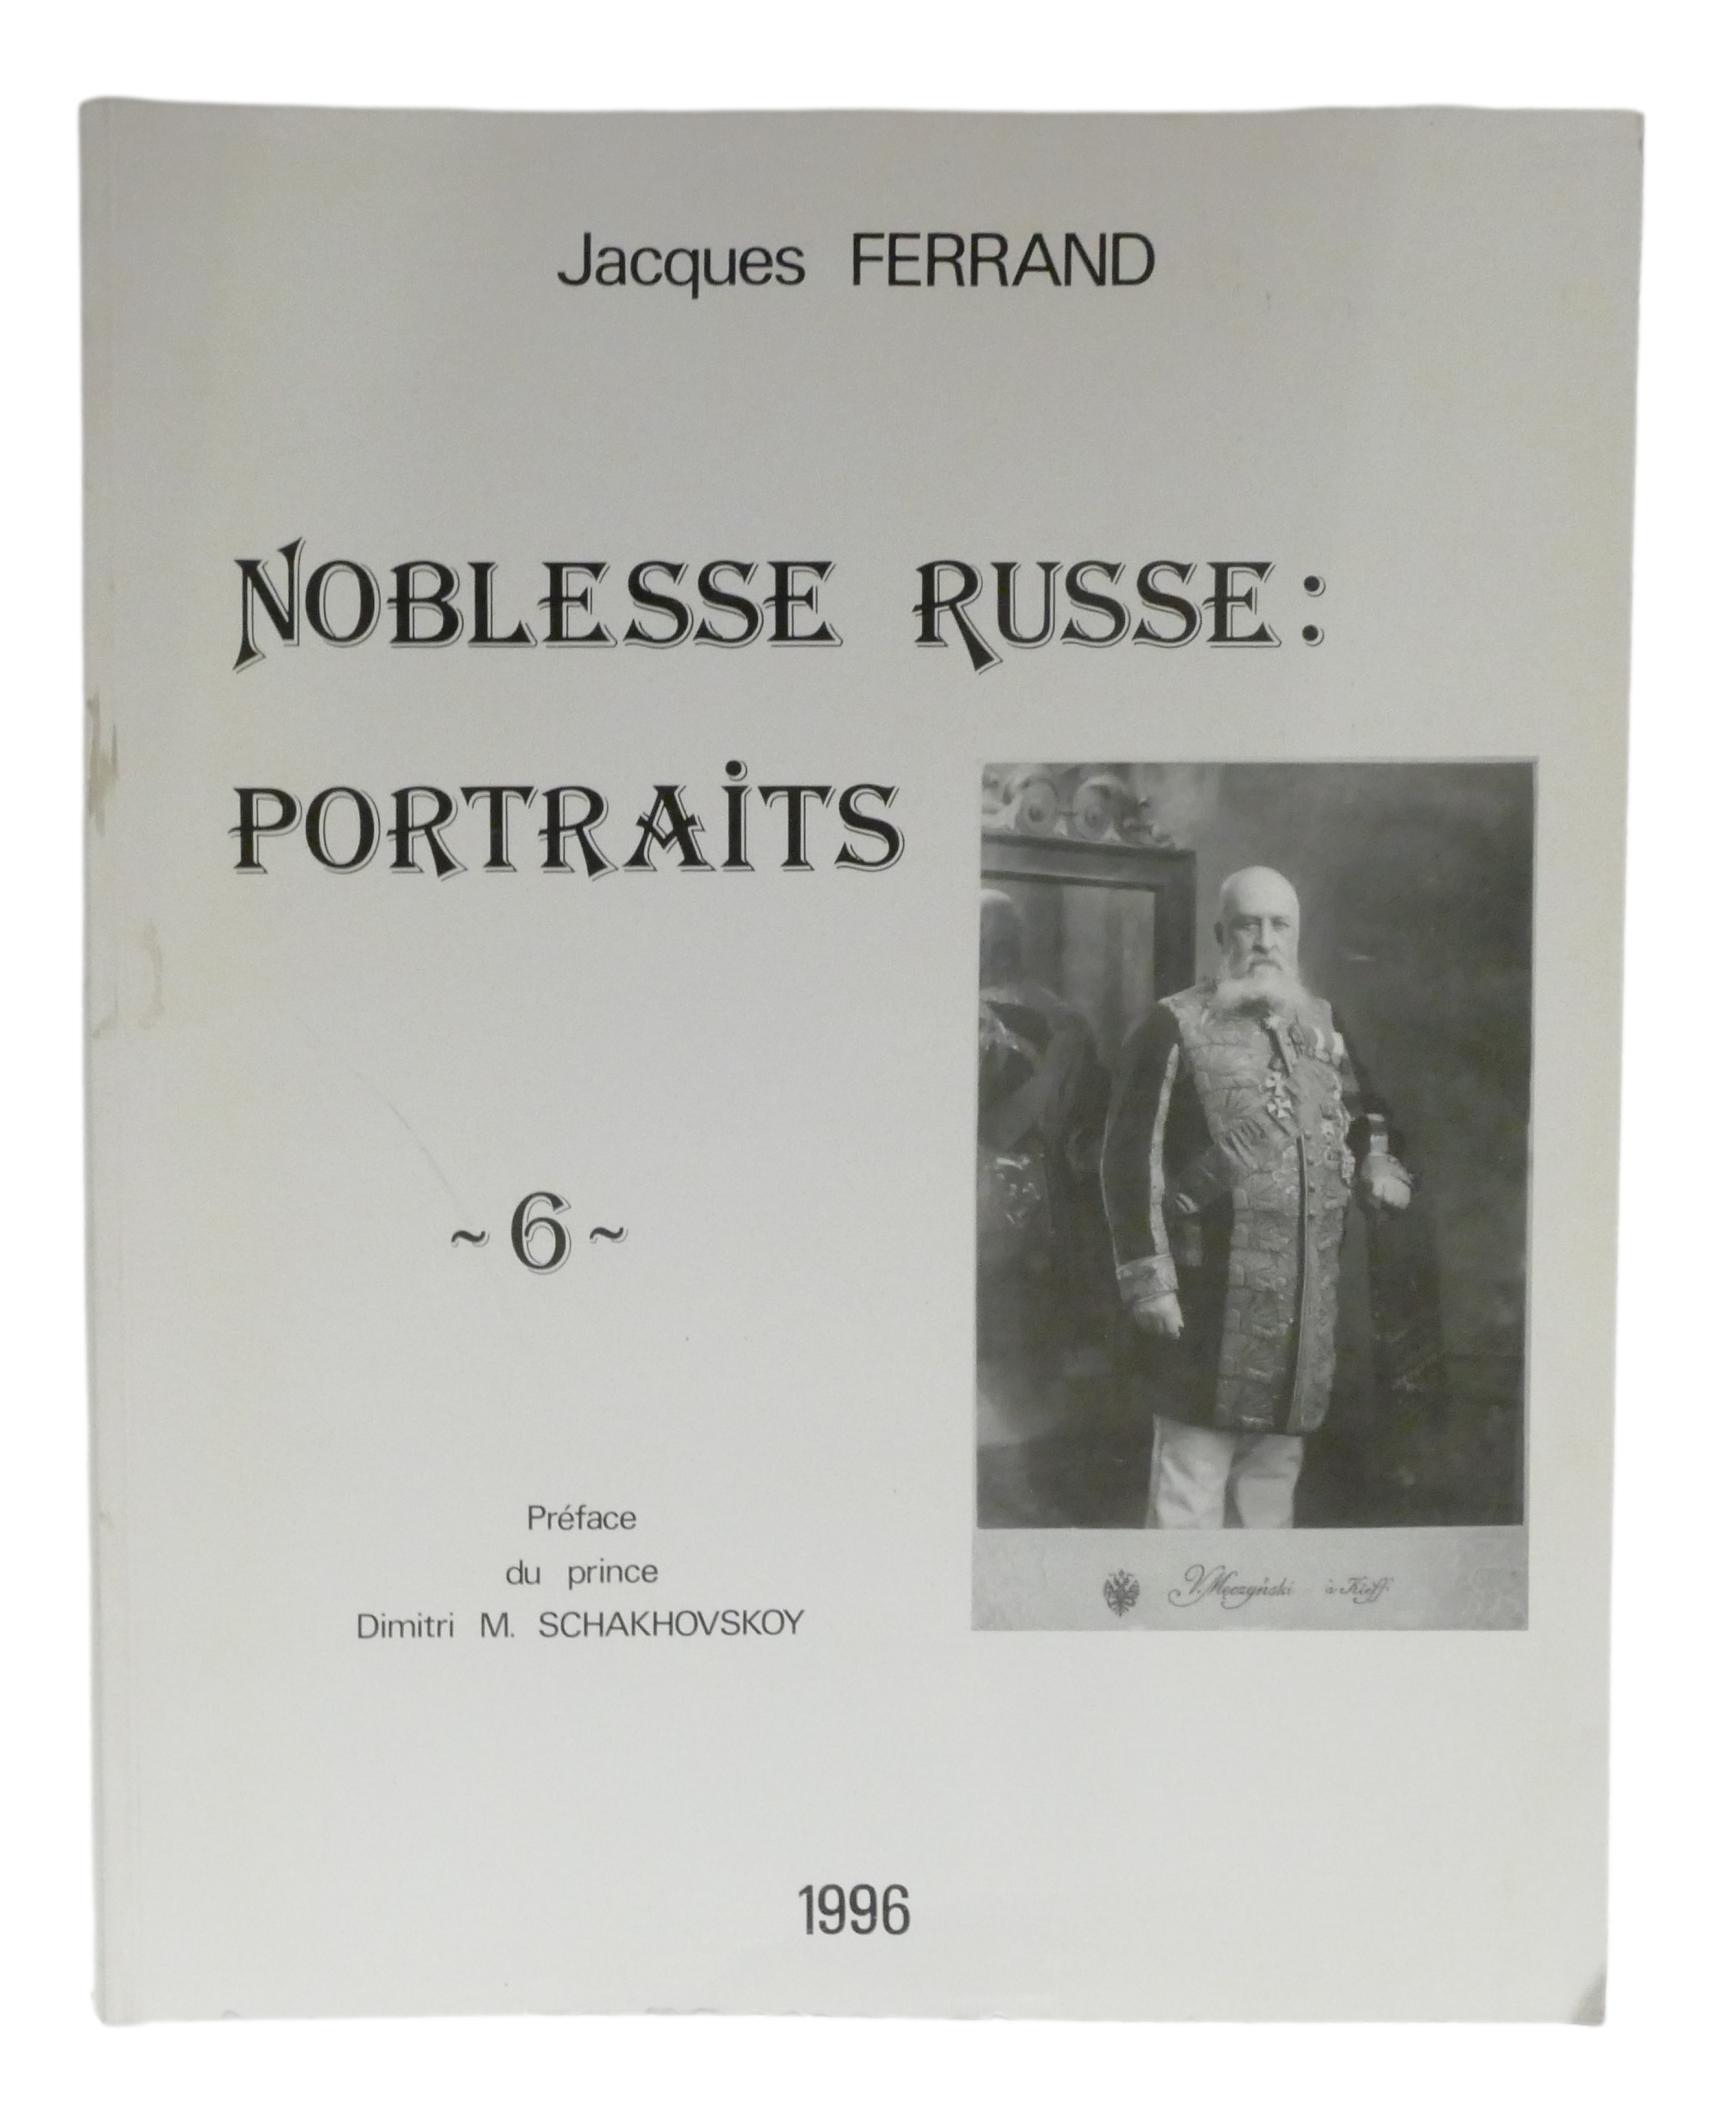 JACQUES FERRAND (1943-2007) Noblesse russe: Portraits Préf. du prince Dimitri M. Schakhovskoy et - Image 12 of 12